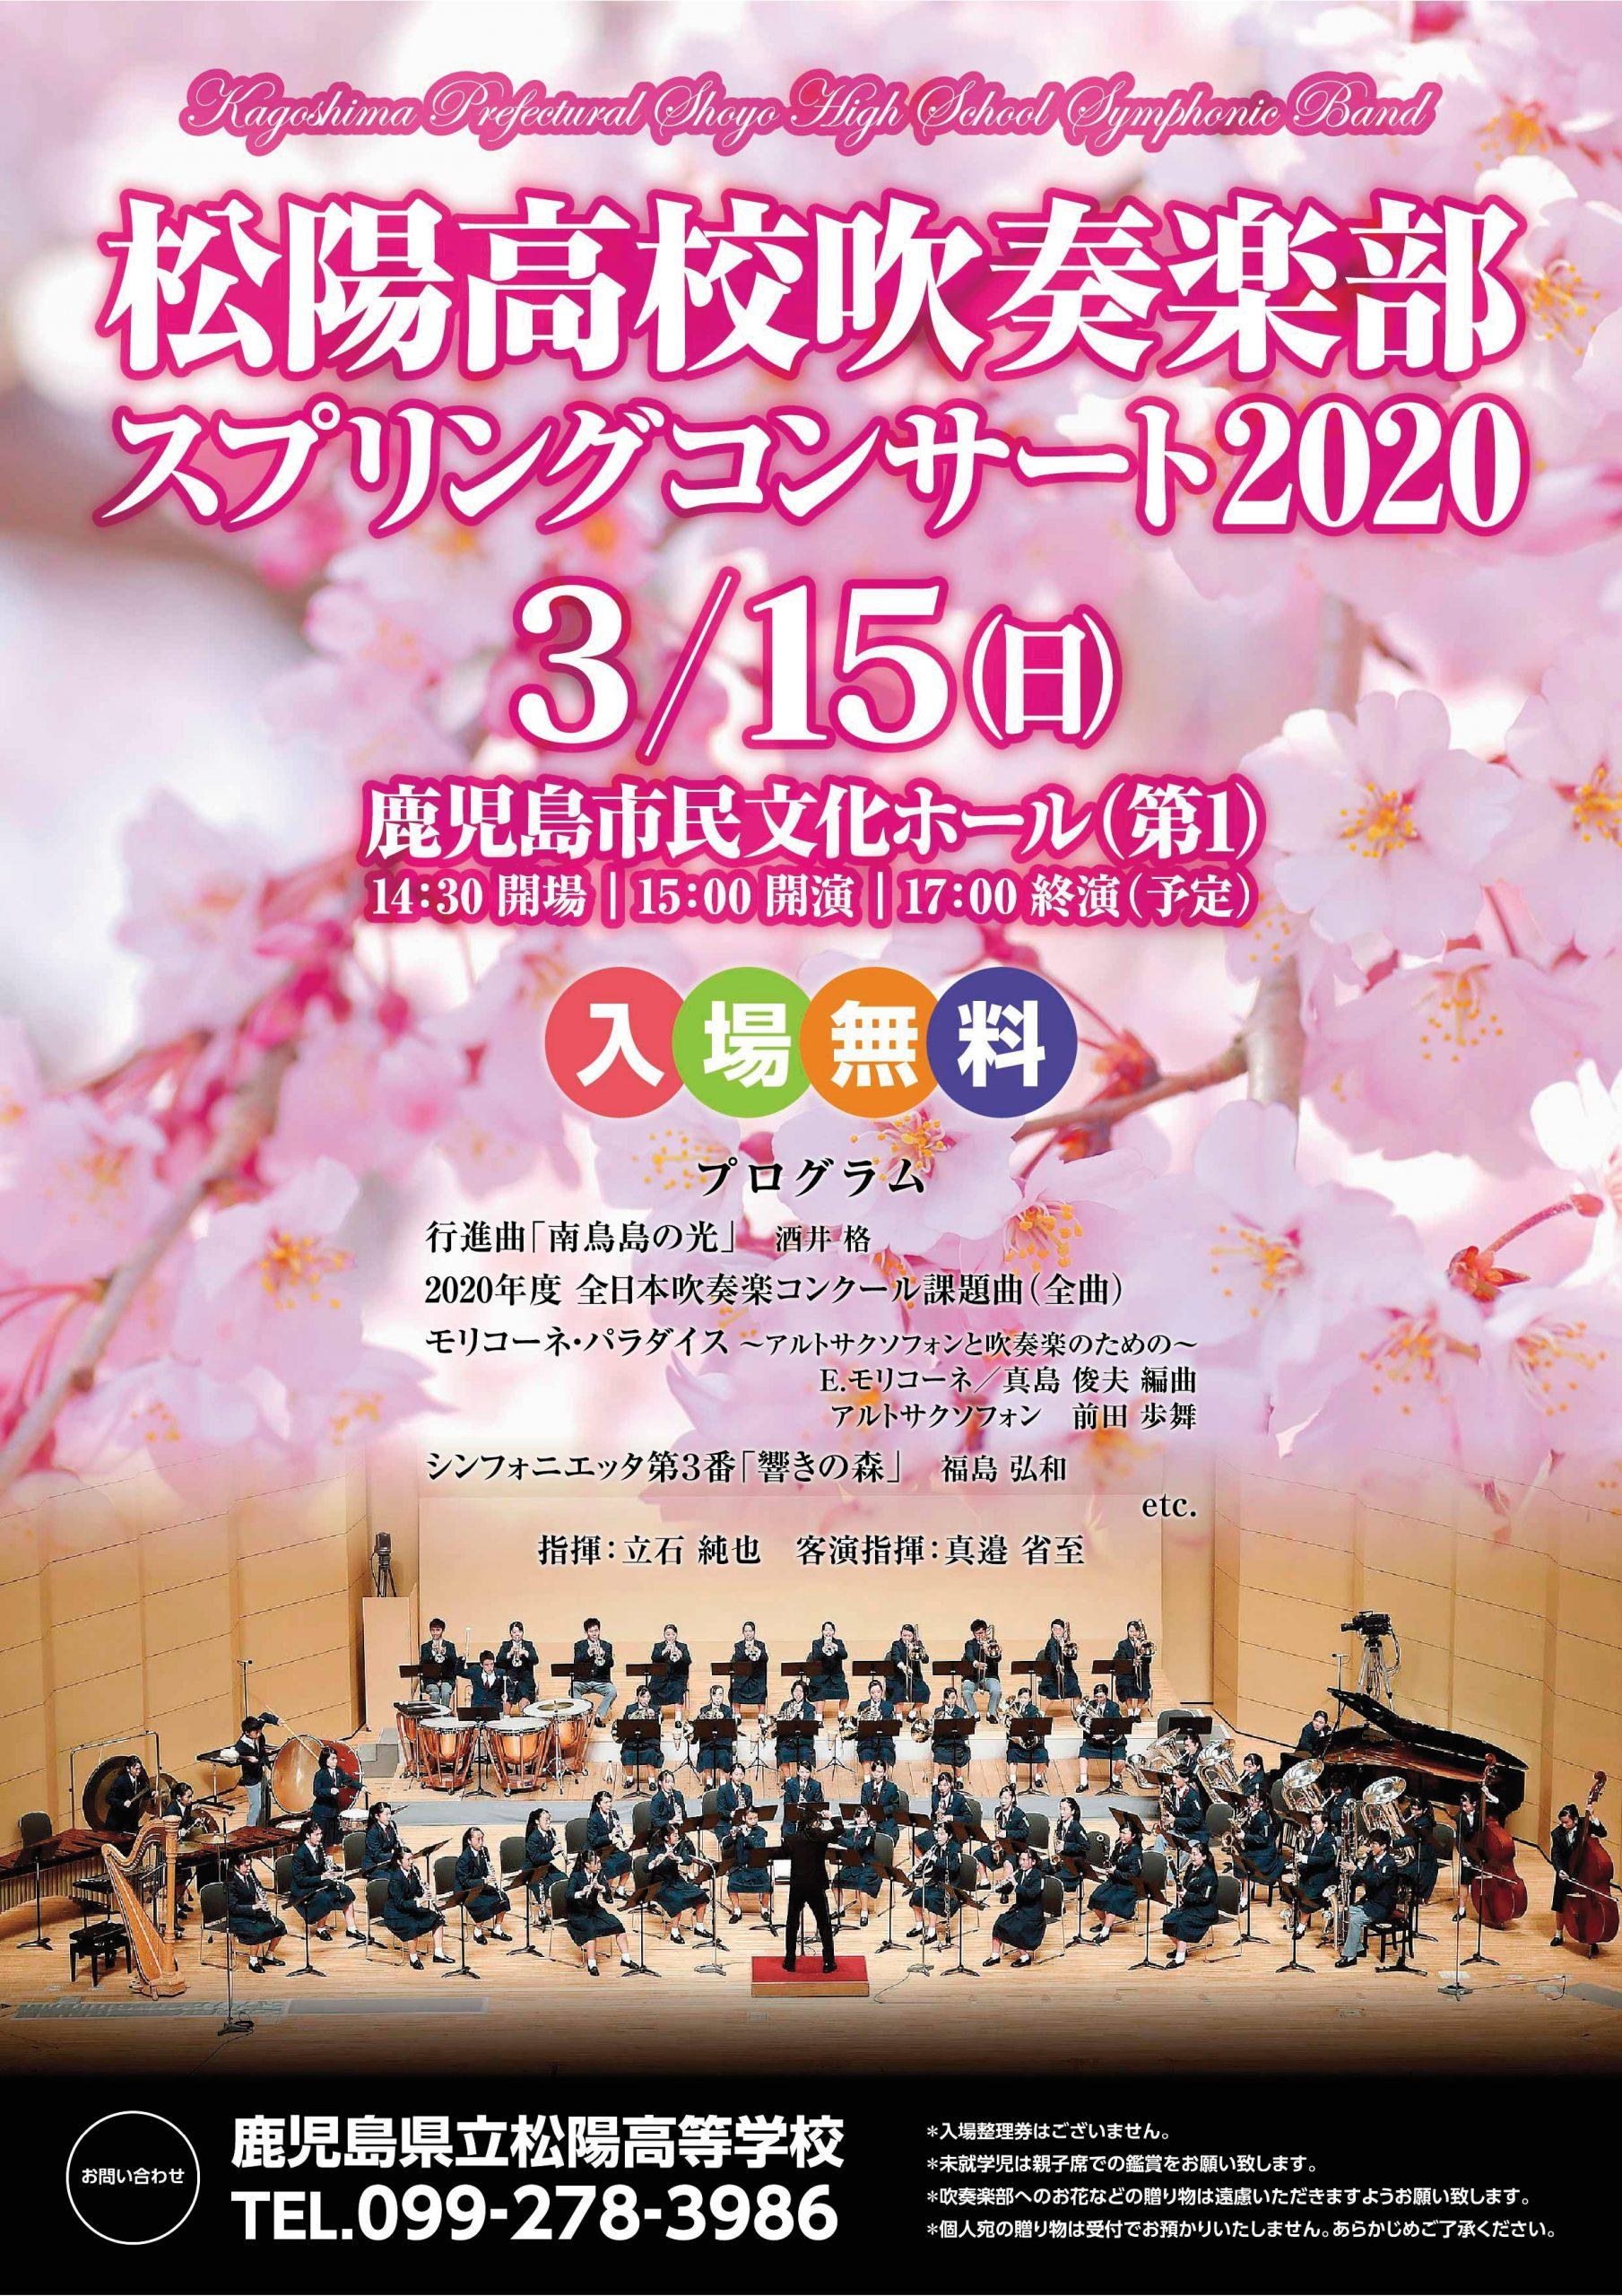 鹿児島県立松陽高等学校吹奏楽部 スプリングコンサート2020 ※中止になりました